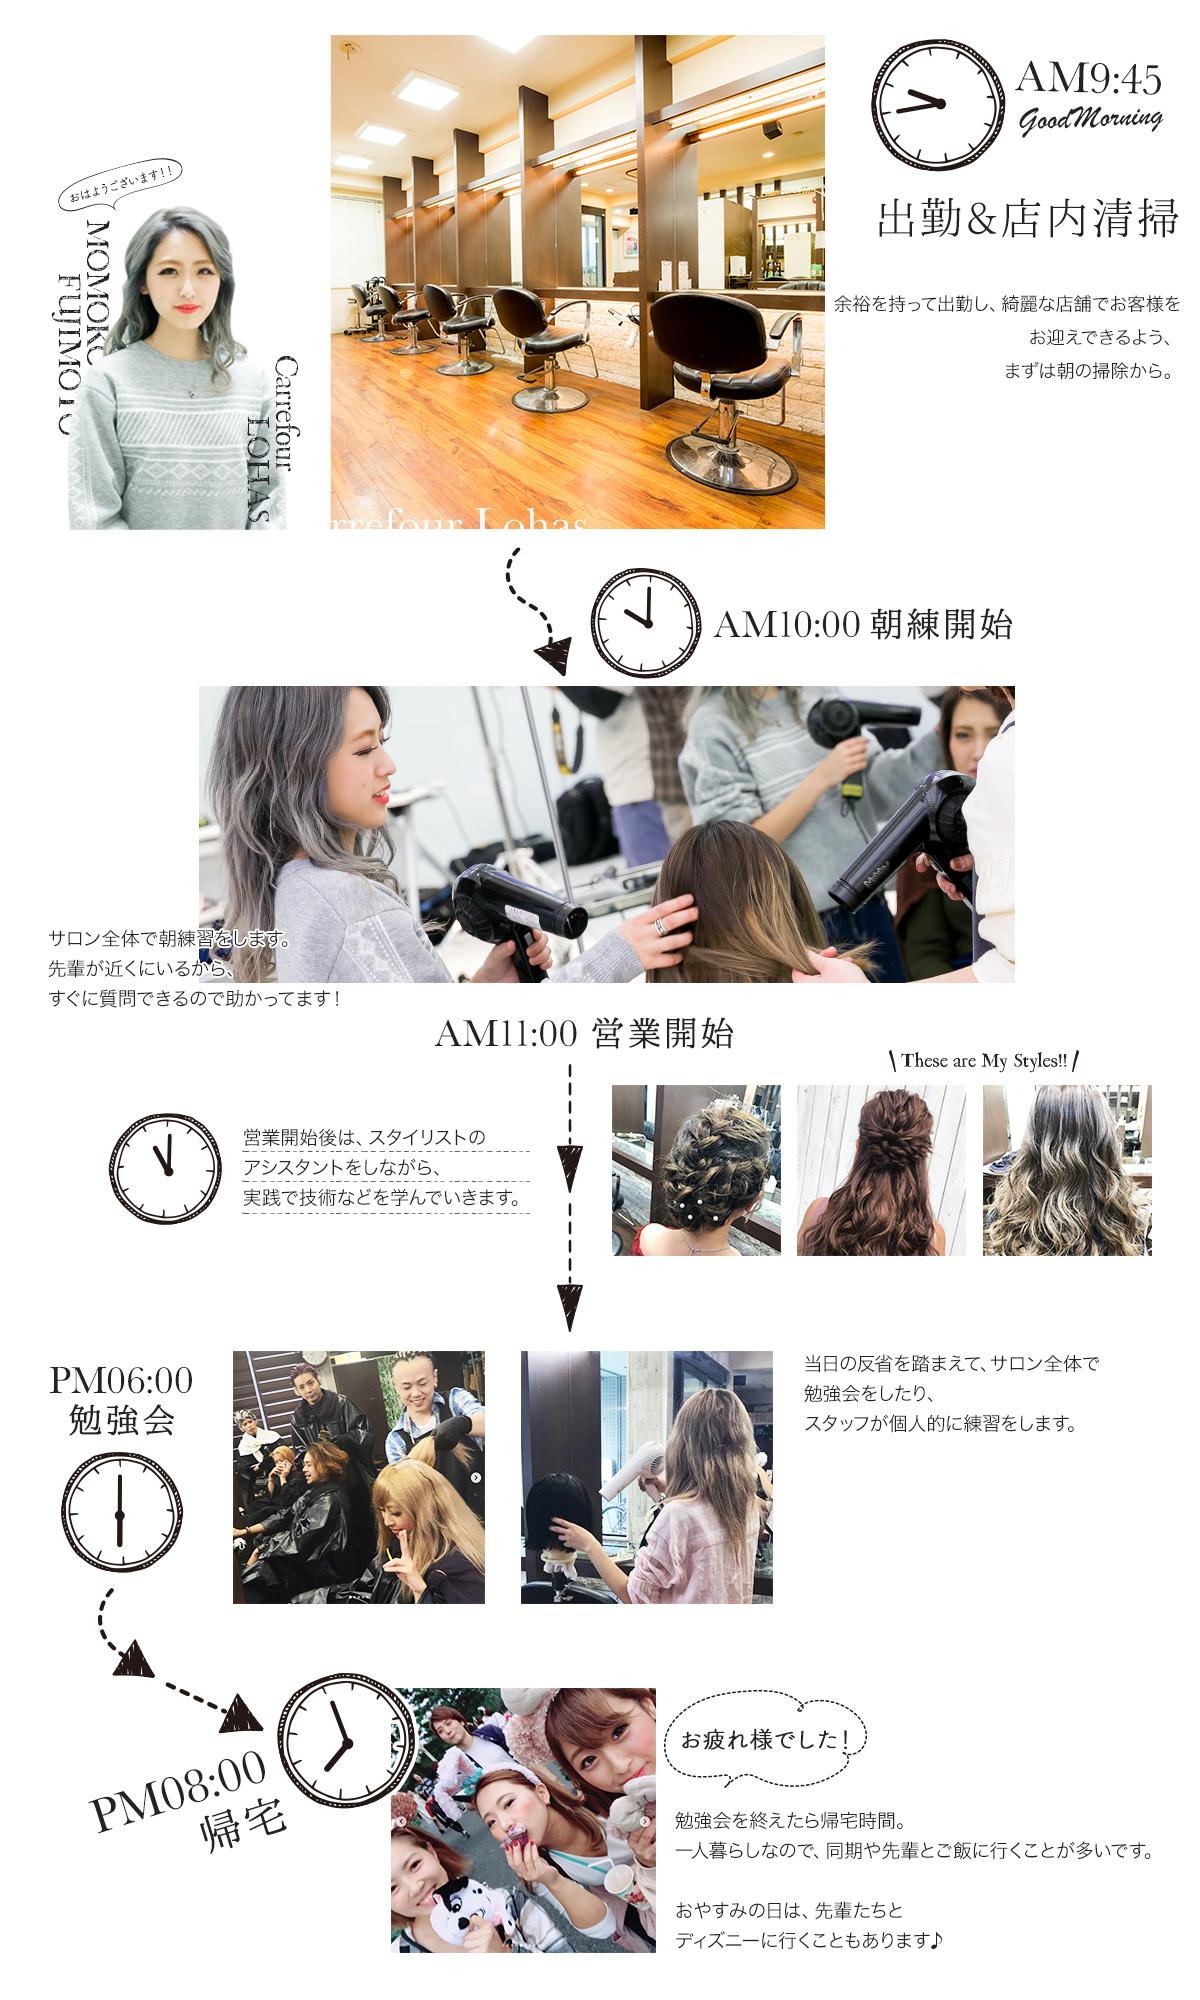 藤本桃子の平日のスケジュール